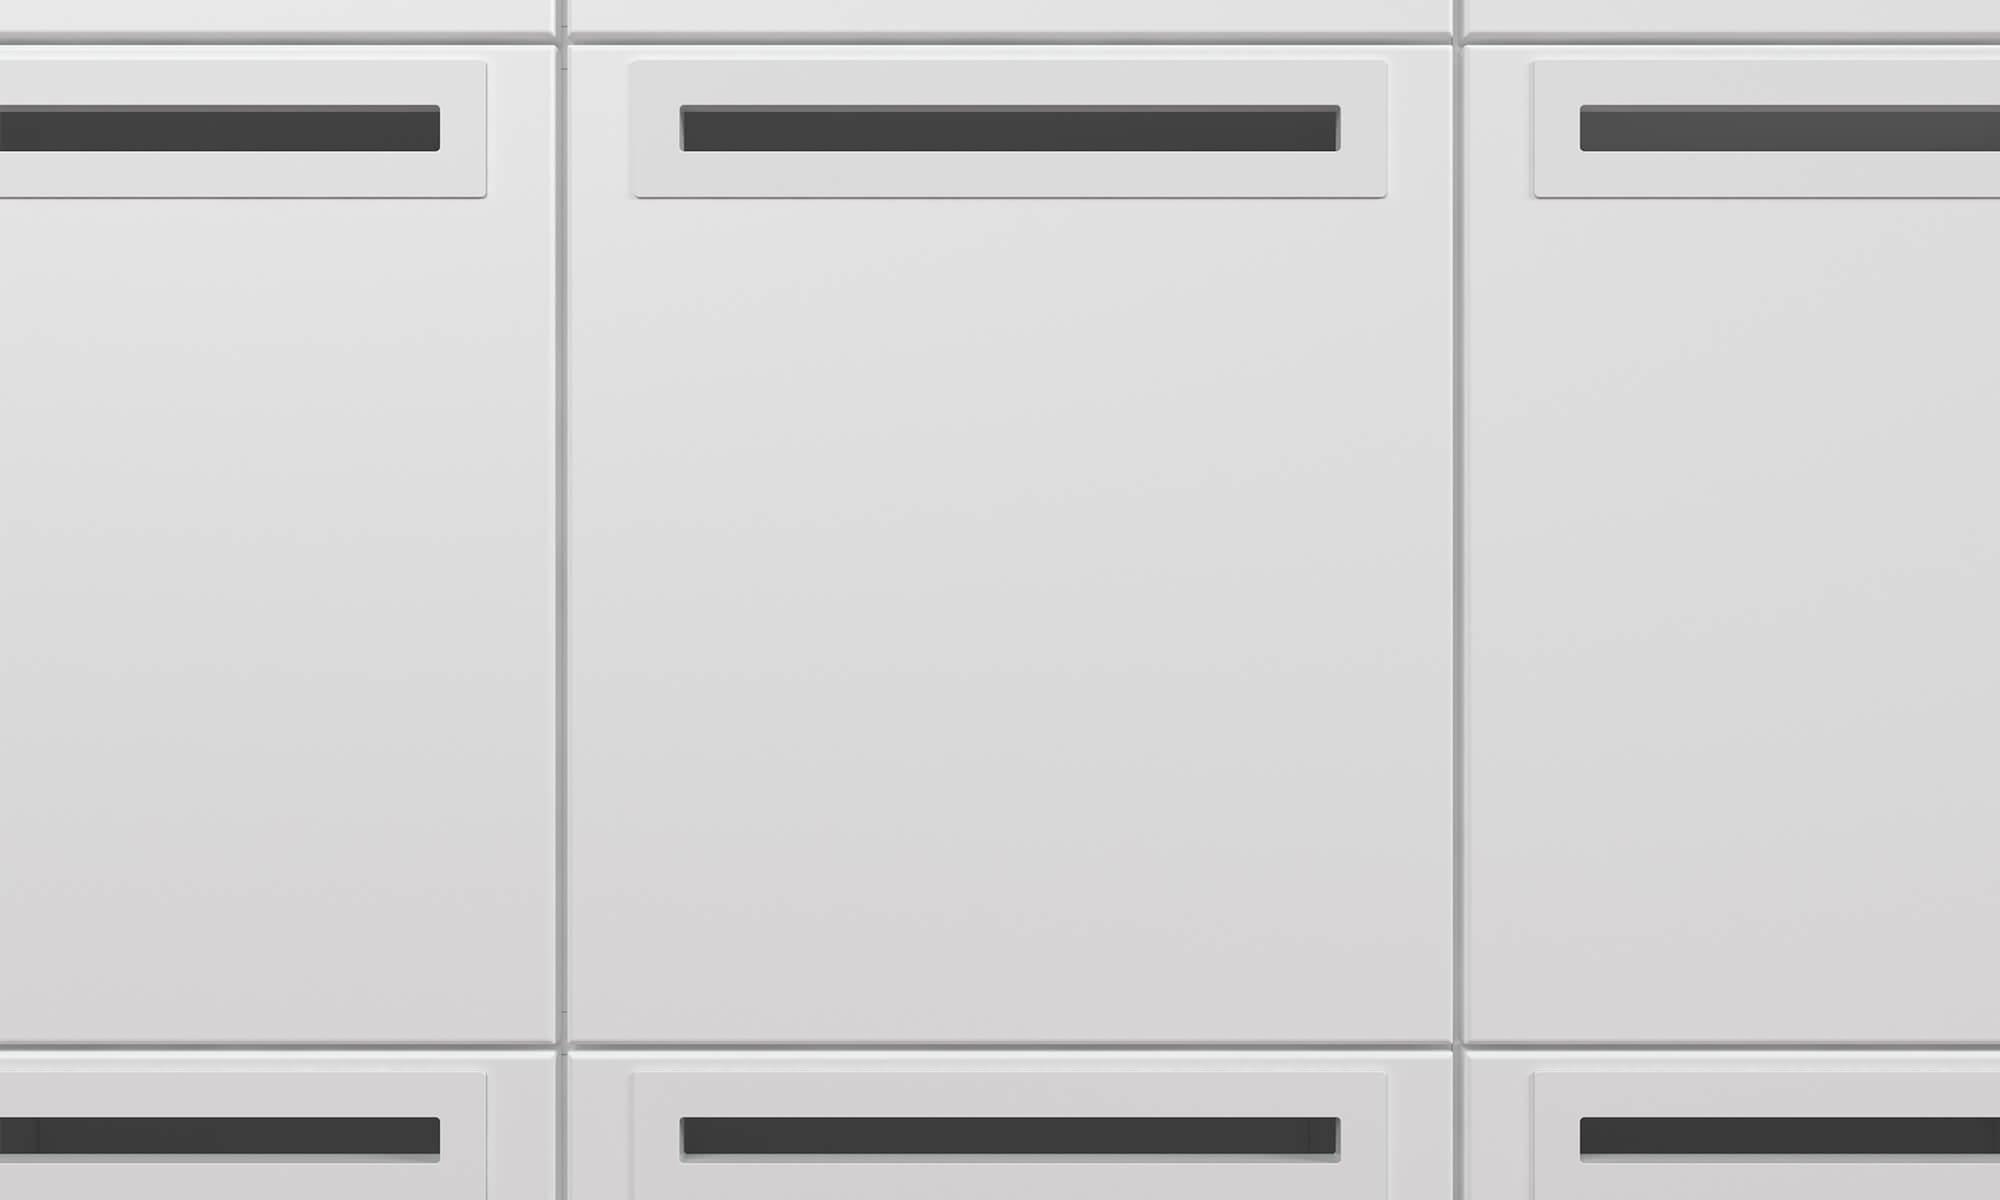 förvaringsskåp personlig förvaring personal storage trece space förvaringssystem förvaringsskåp postinsläpp lockers trece möbelfakta